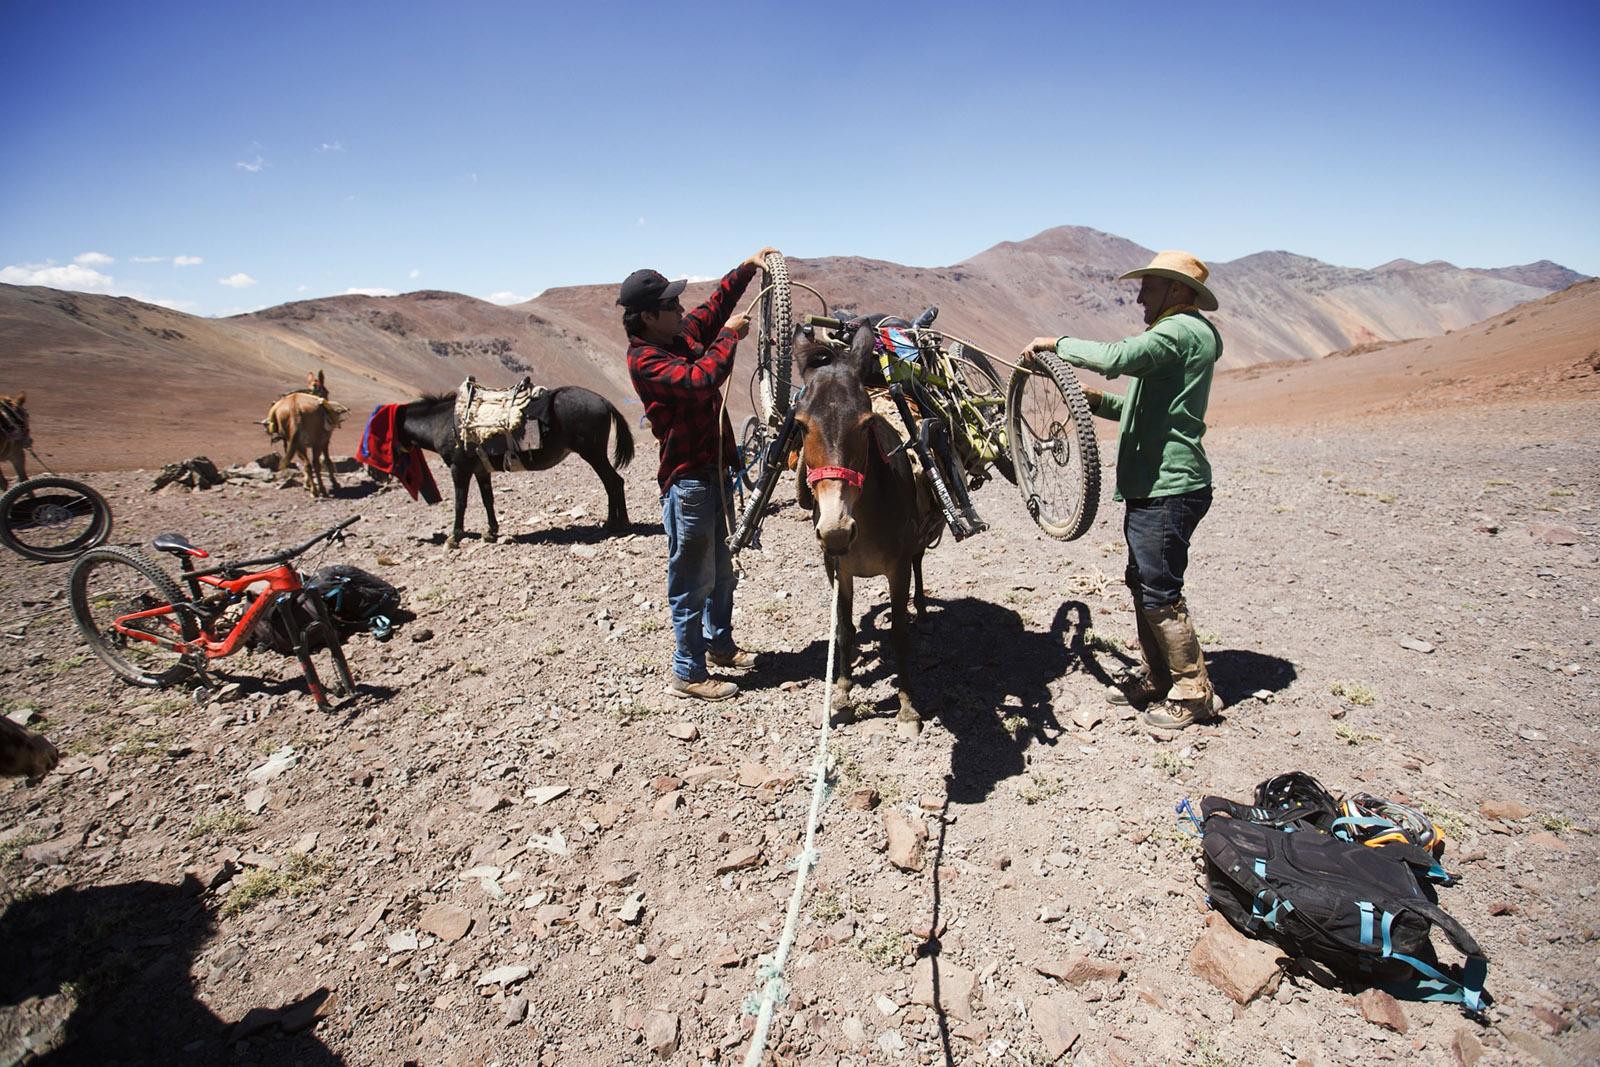 Santa Cruz Bicycles - Loading the Mules at Andes Pacifico